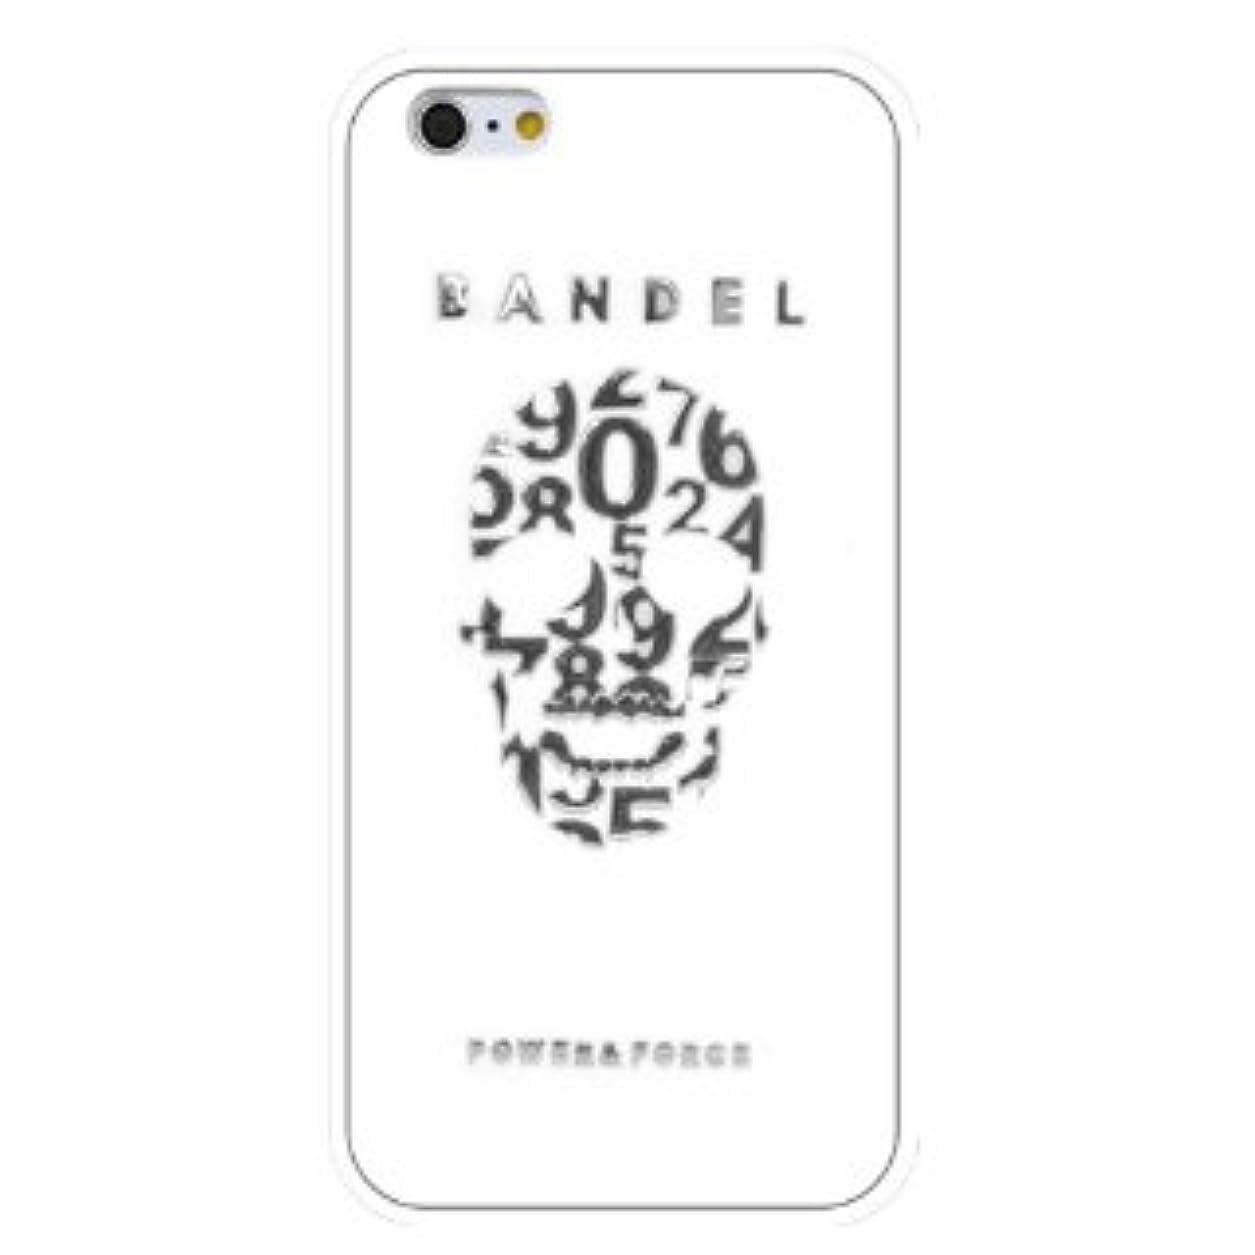 船形少なくとも擬人化バンデル(BANDEL) スカル iPhone 7専用 シリコンケース [ホワイト×シルバー]